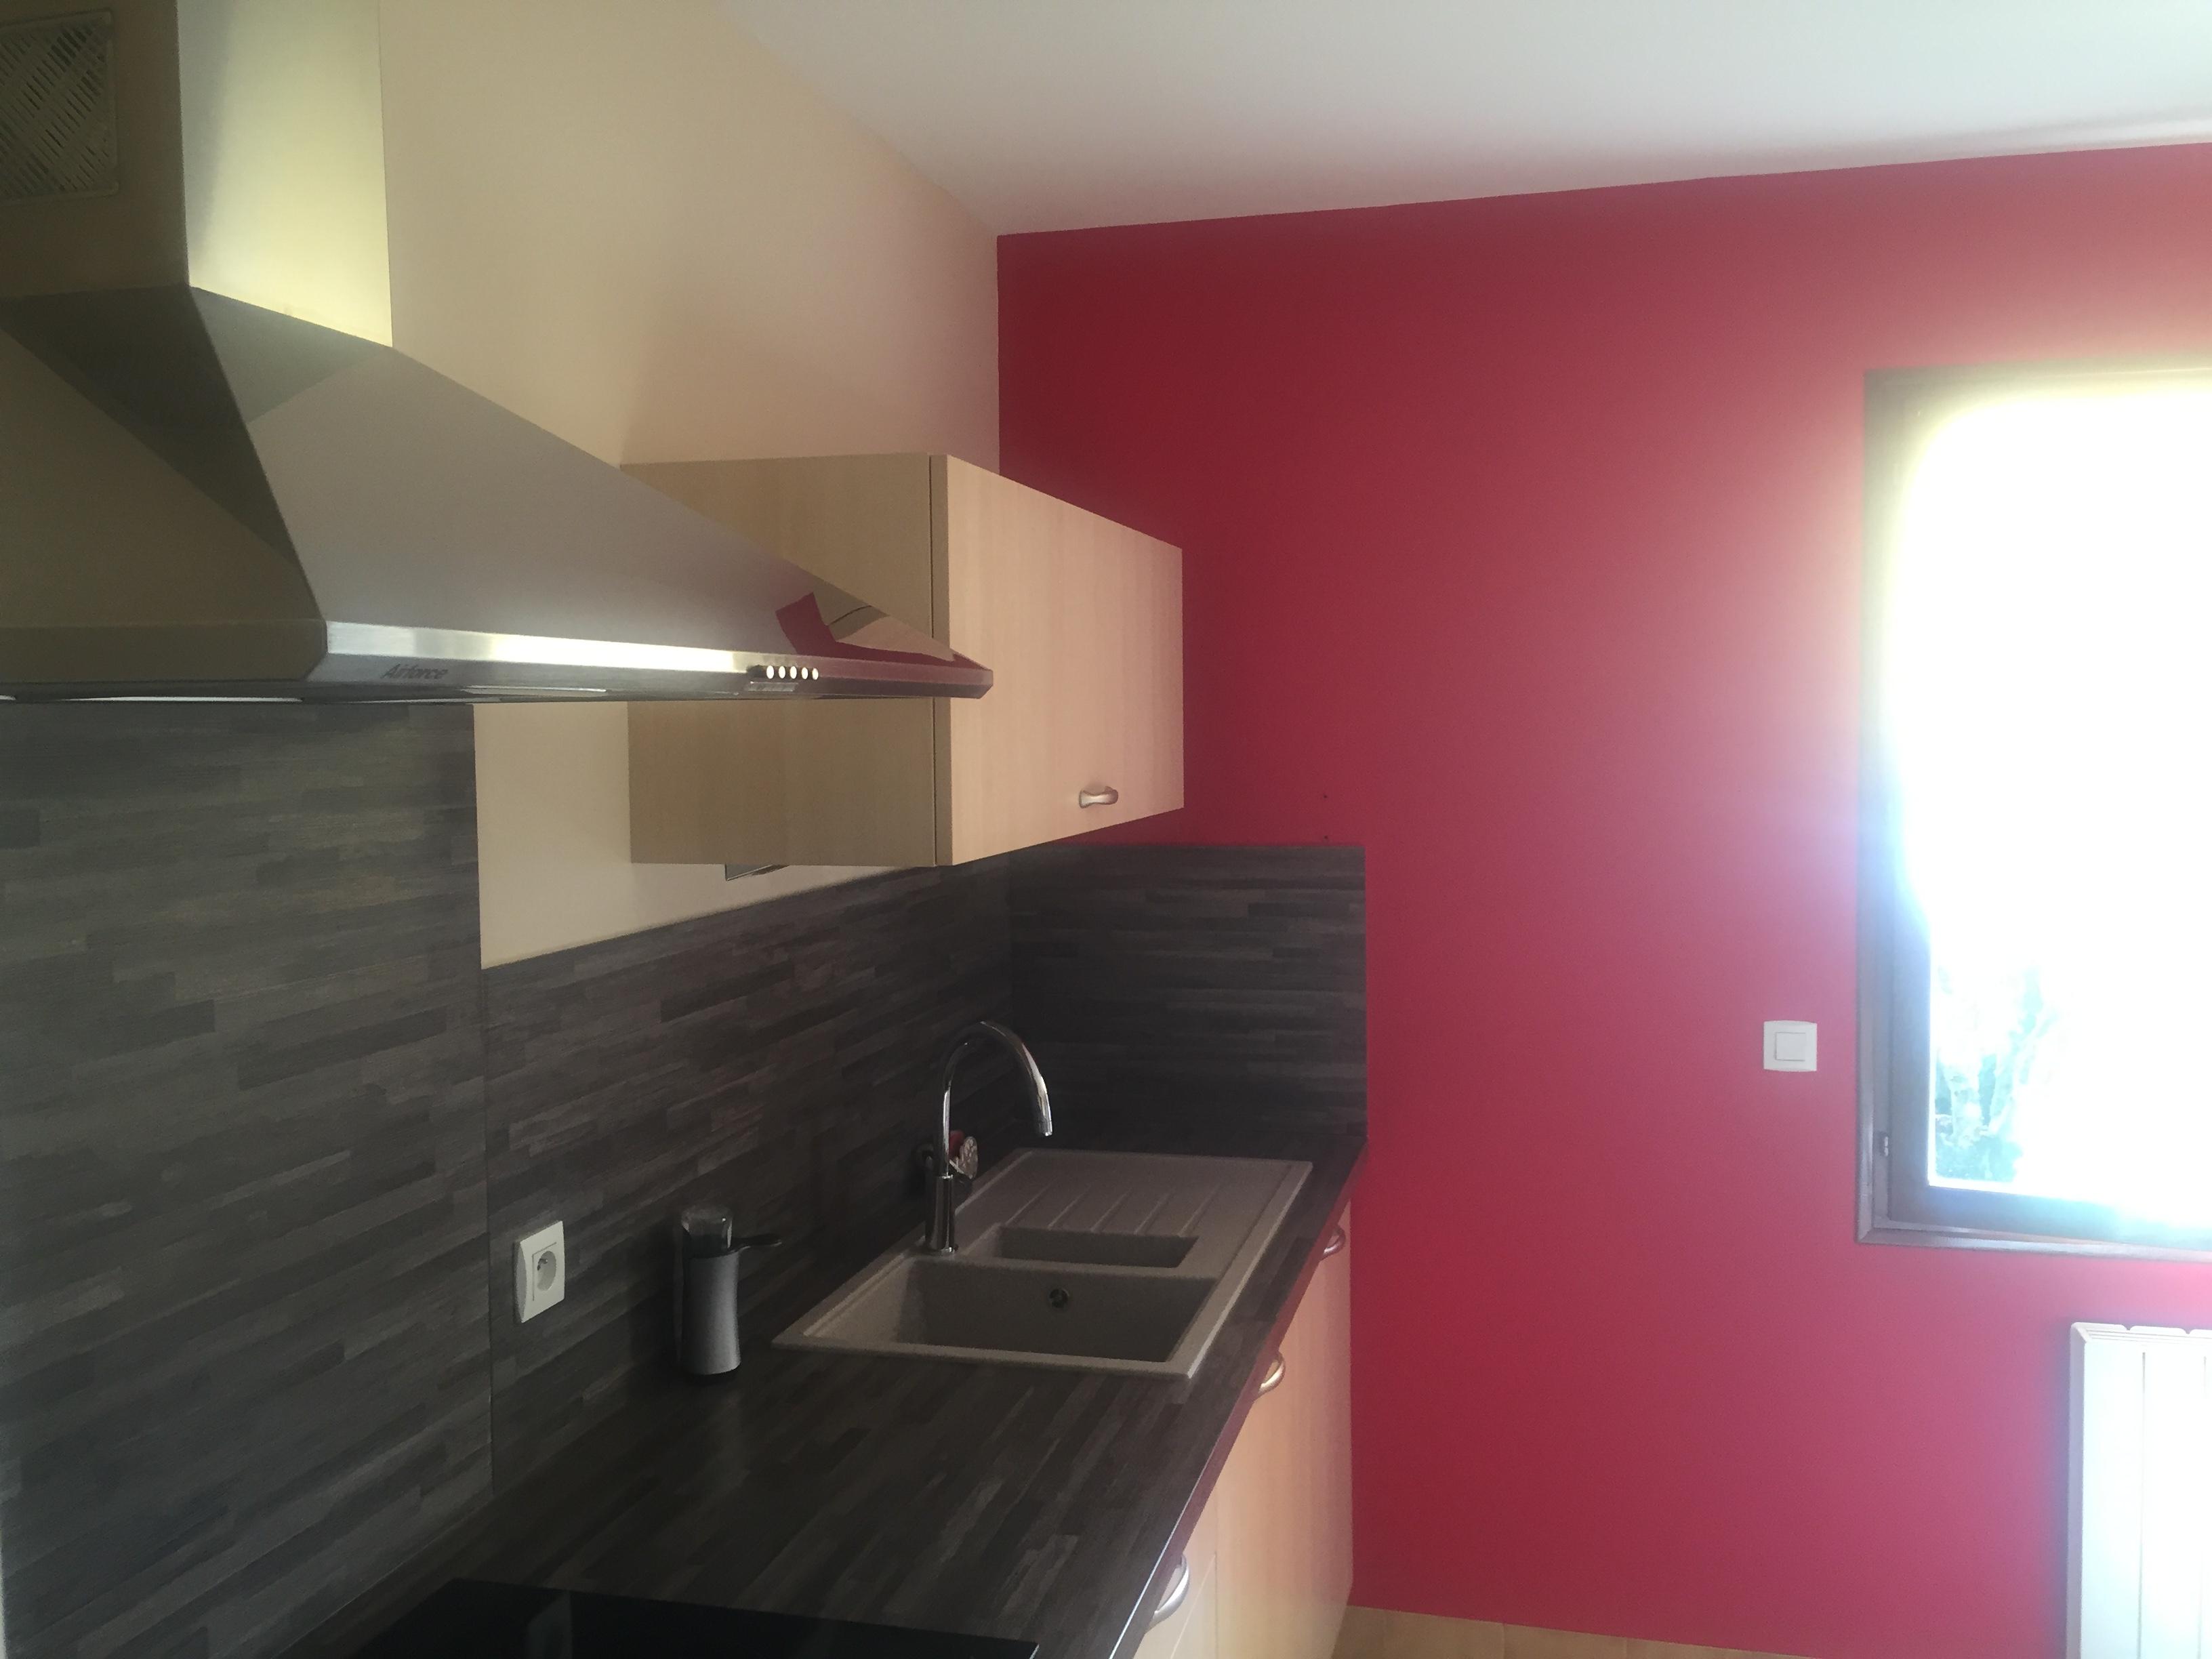 R novation d 39 une cuisine en peinture steve robert peinture for Peinture lessivable cuisine